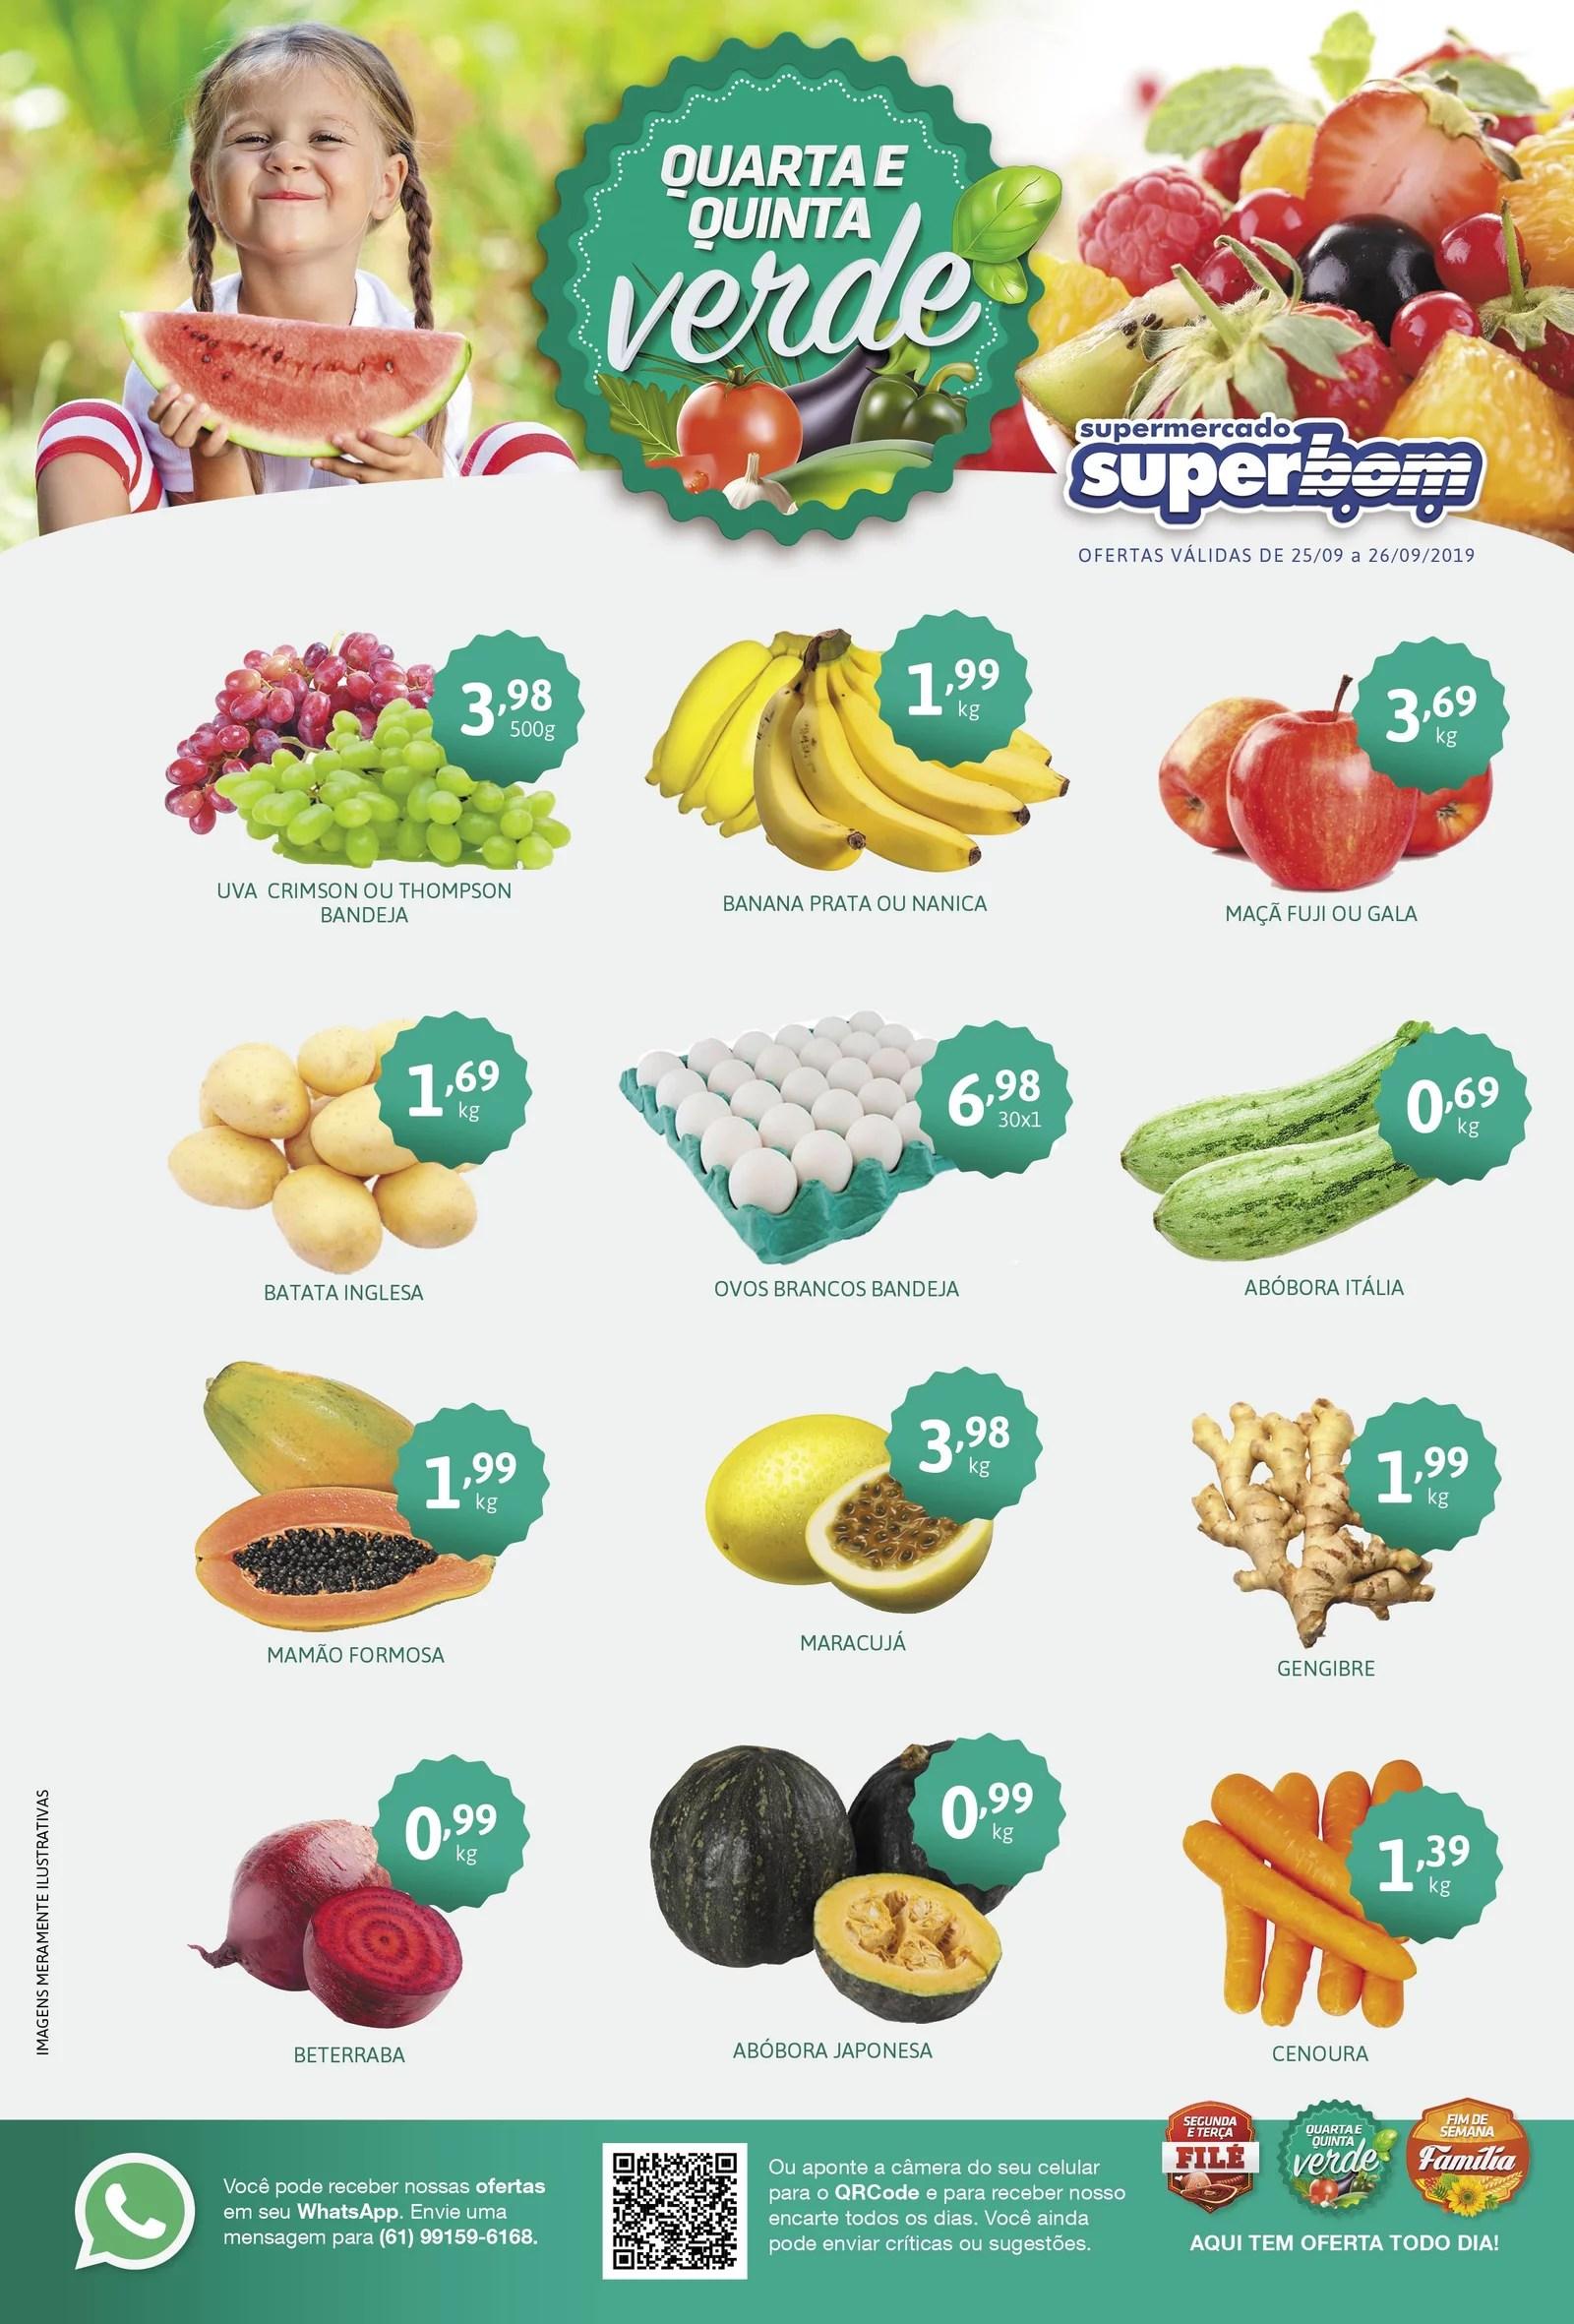 Ofertassupermercado-super-bom81